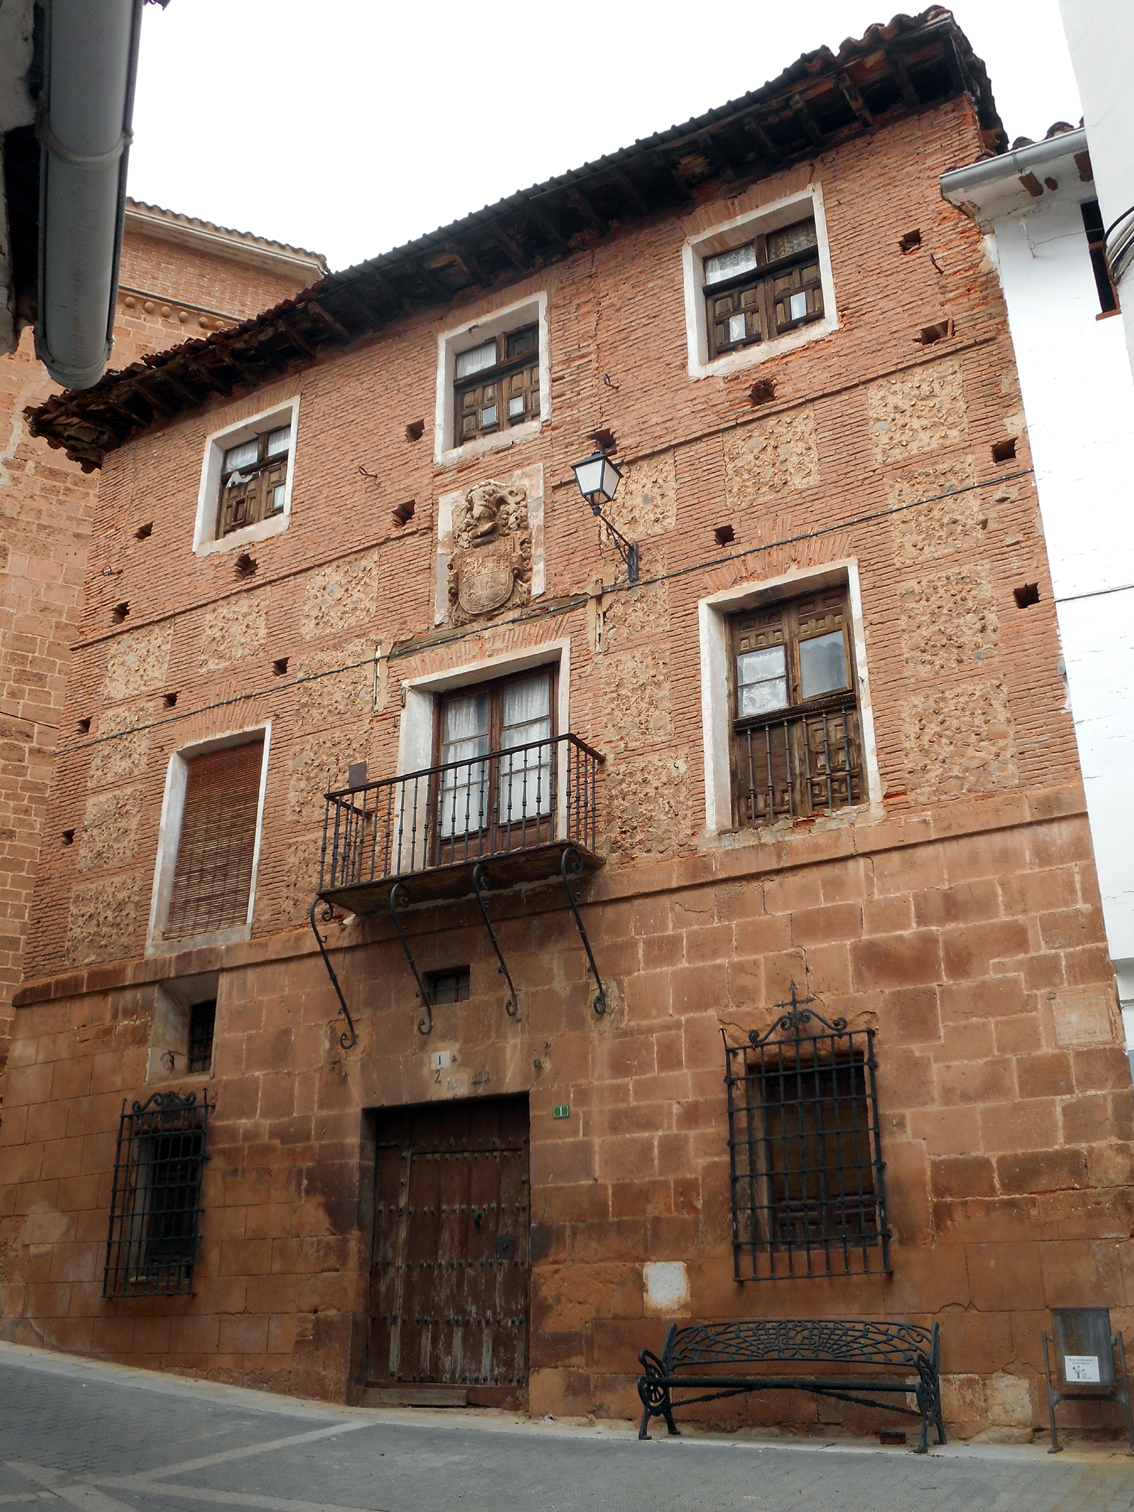 Casas solariegas en la rioja 478 herce i calle - Casas prefabricadas la rioja ...